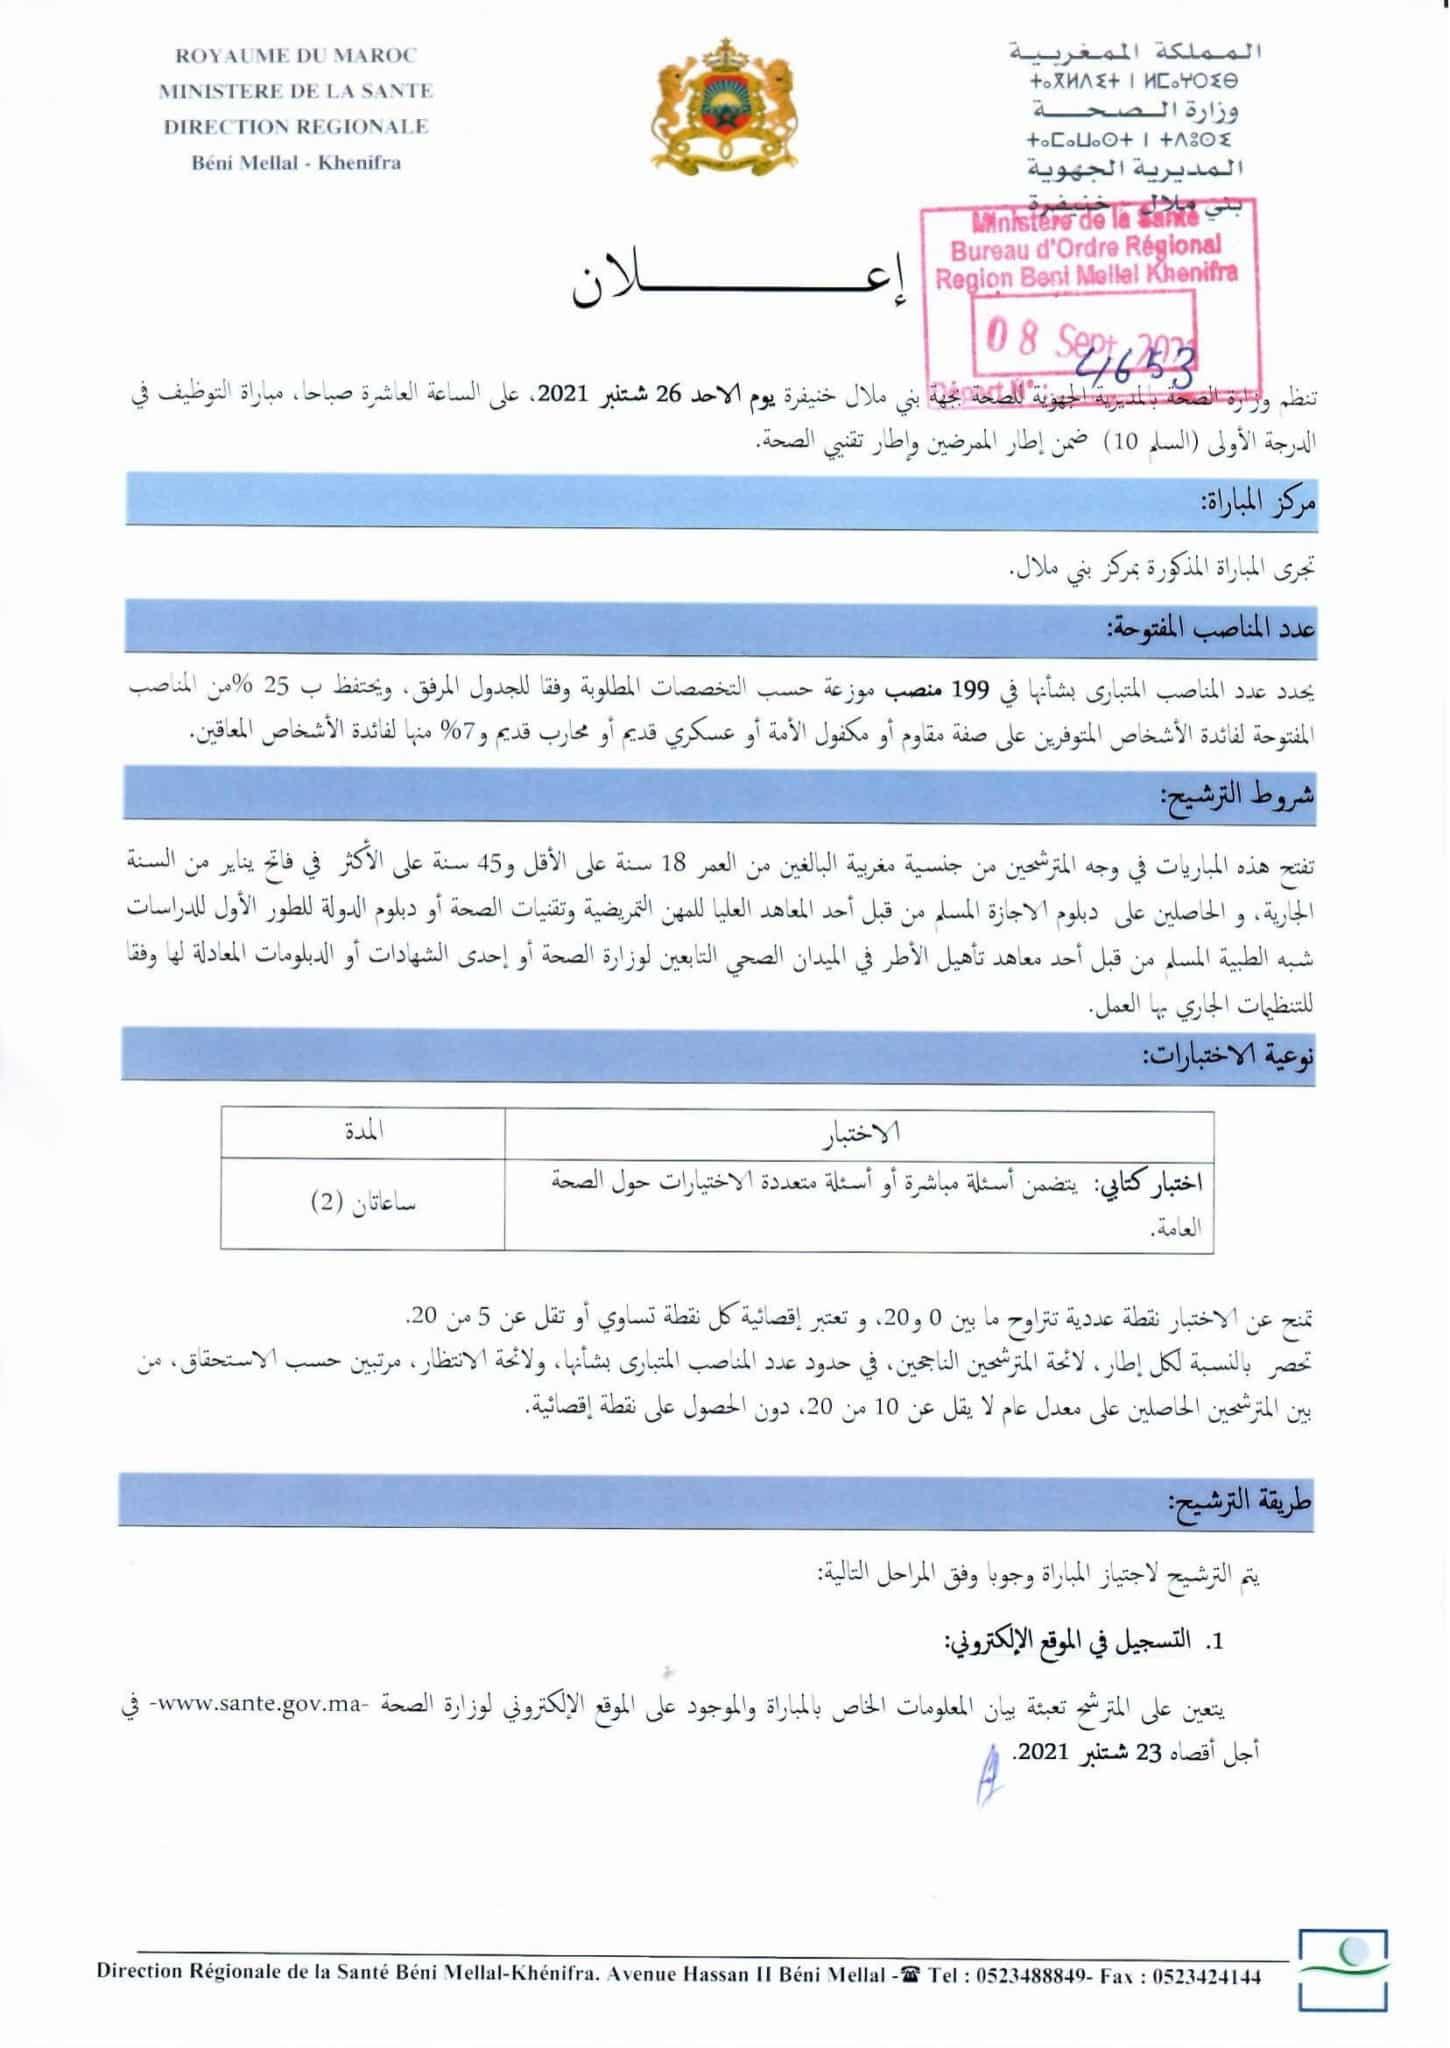 Concours de Recrutement Ministère de la Santé